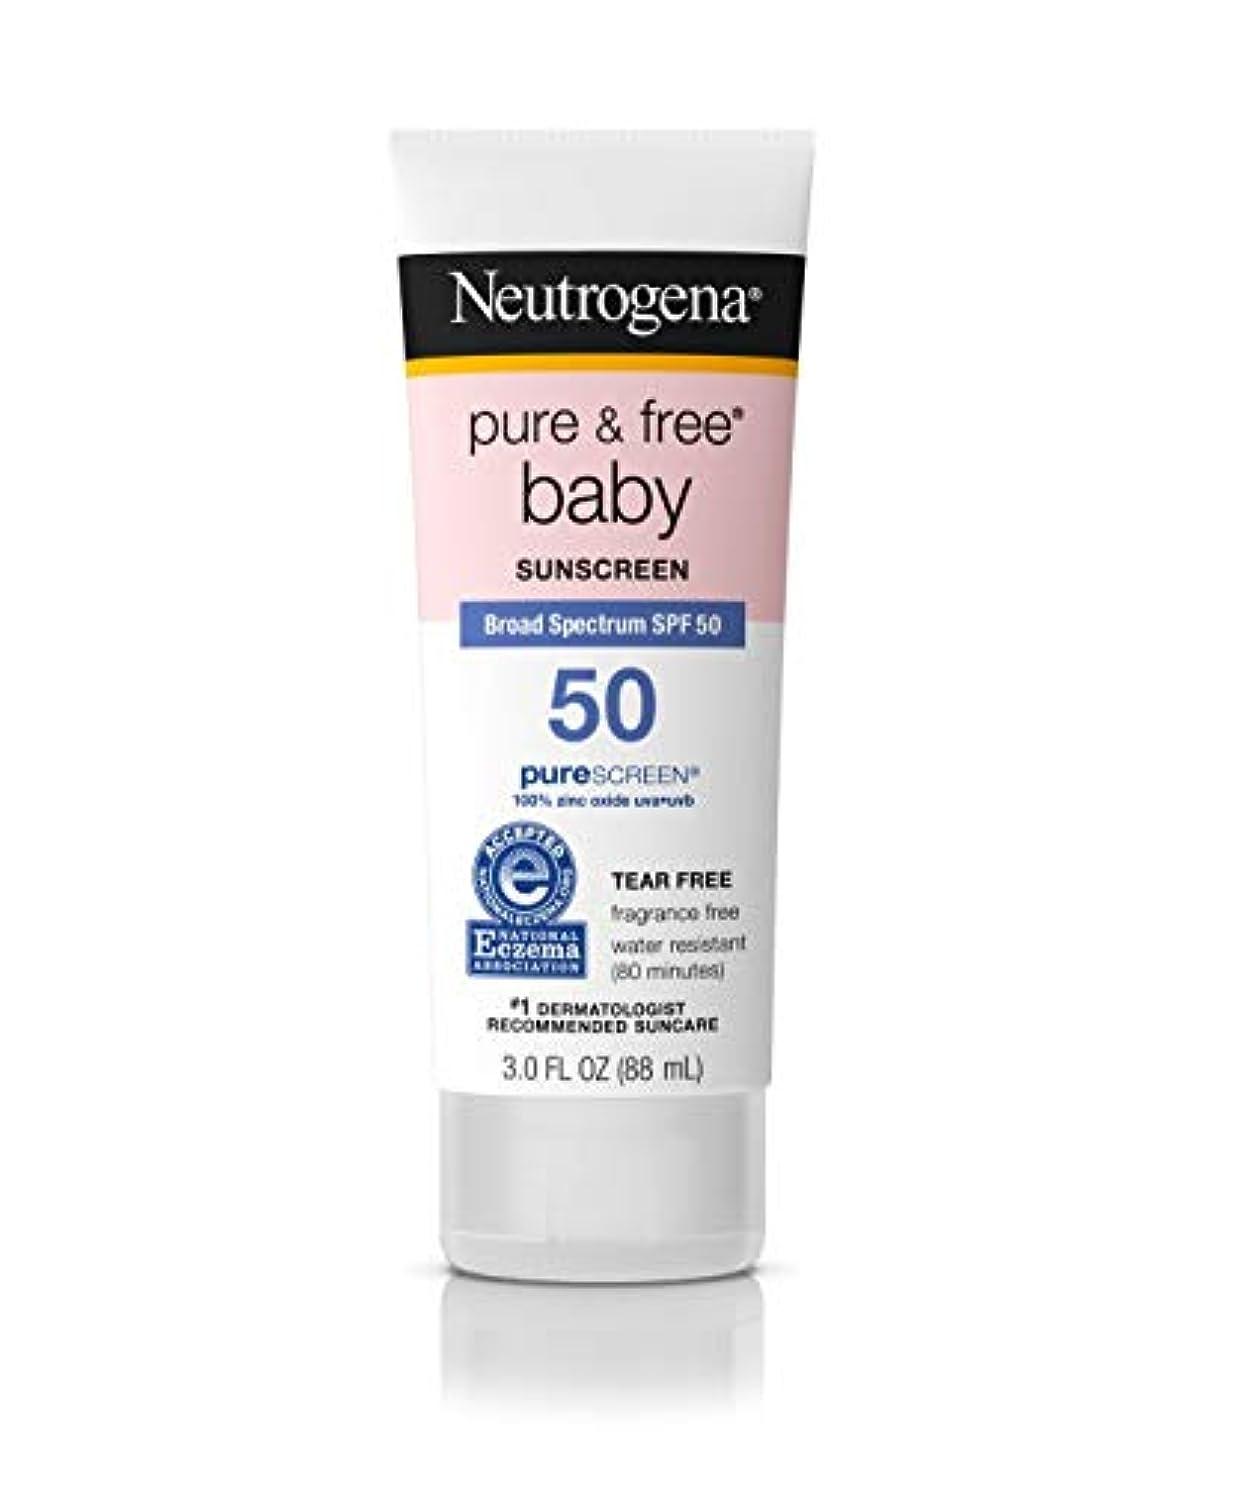 受け継ぐオーストラリア知り合いになるニュートロジーナ ベビー サンスクリーン SPF50 【88ml】 敏感肌 赤ちゃん 日焼け止め